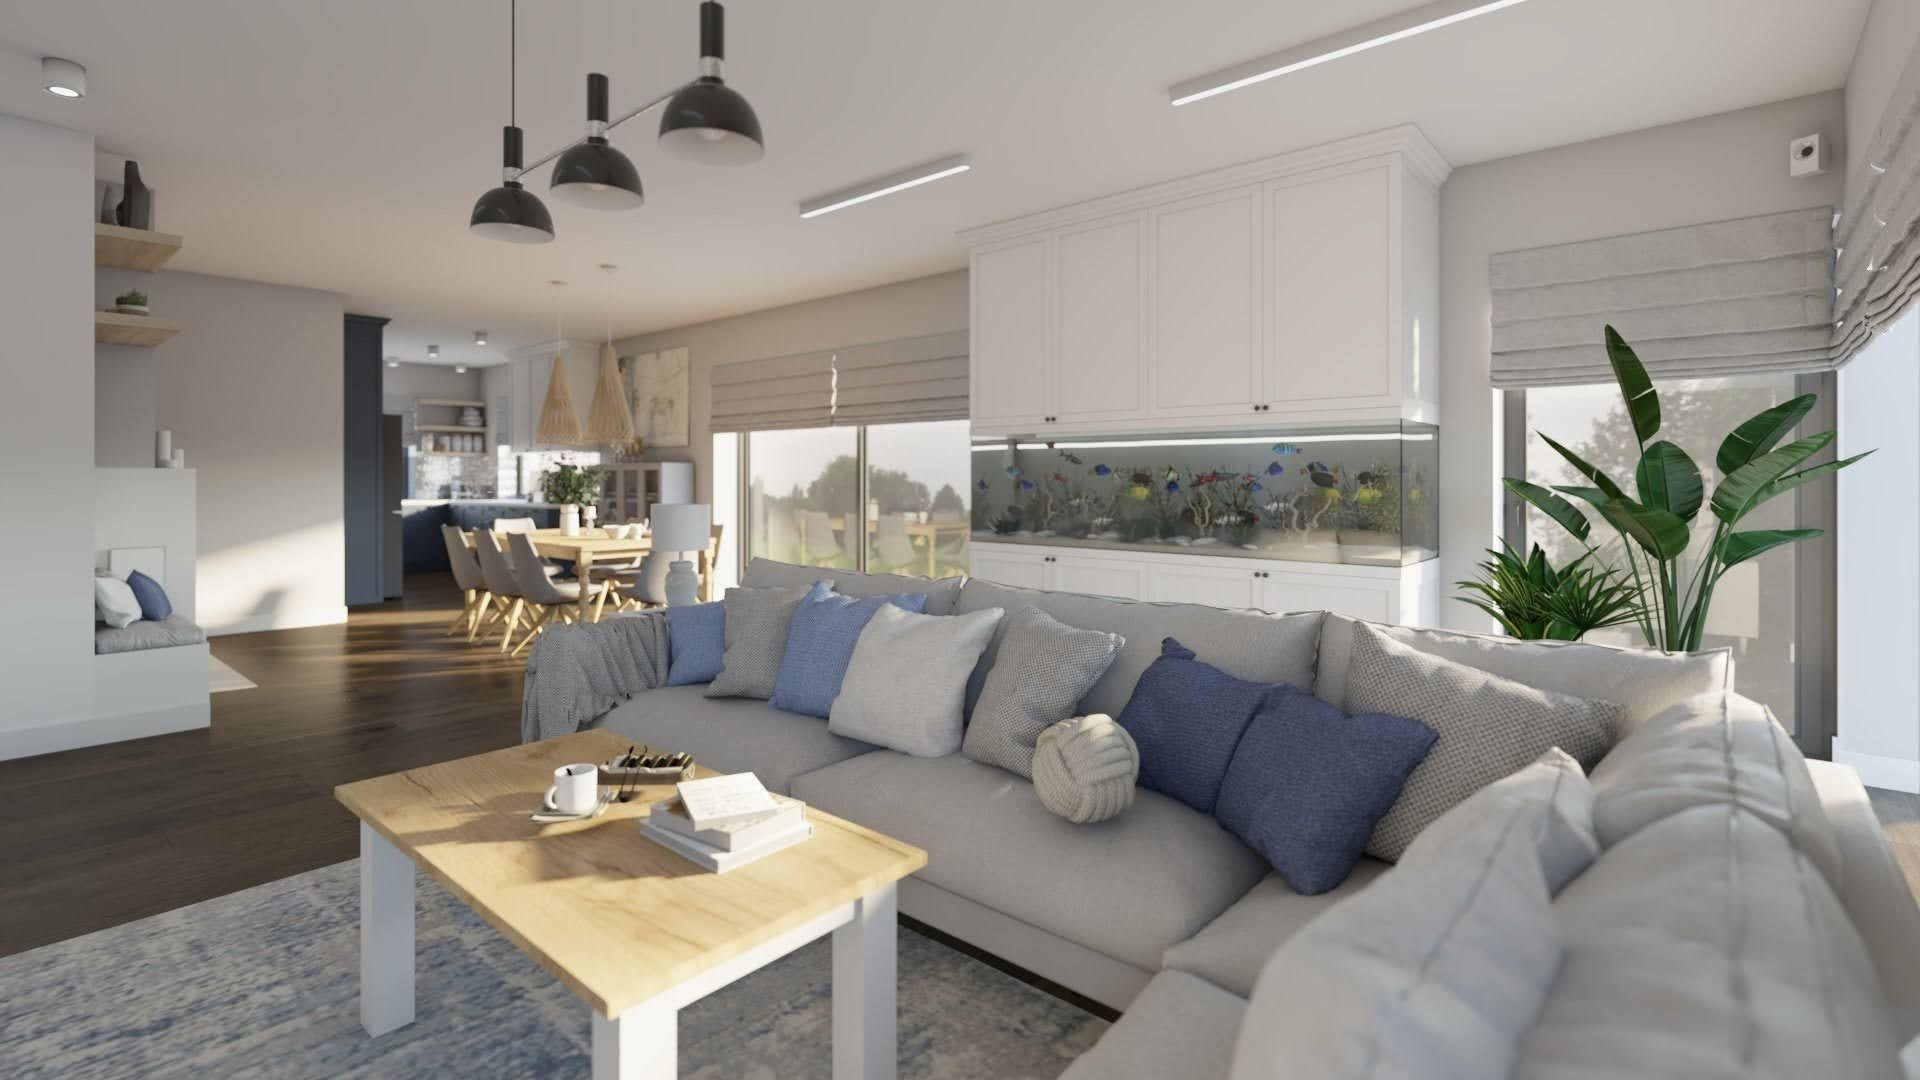 duży jasny salon z szarą sofą, duże akwarium w salonie, oświetlenie do salonu